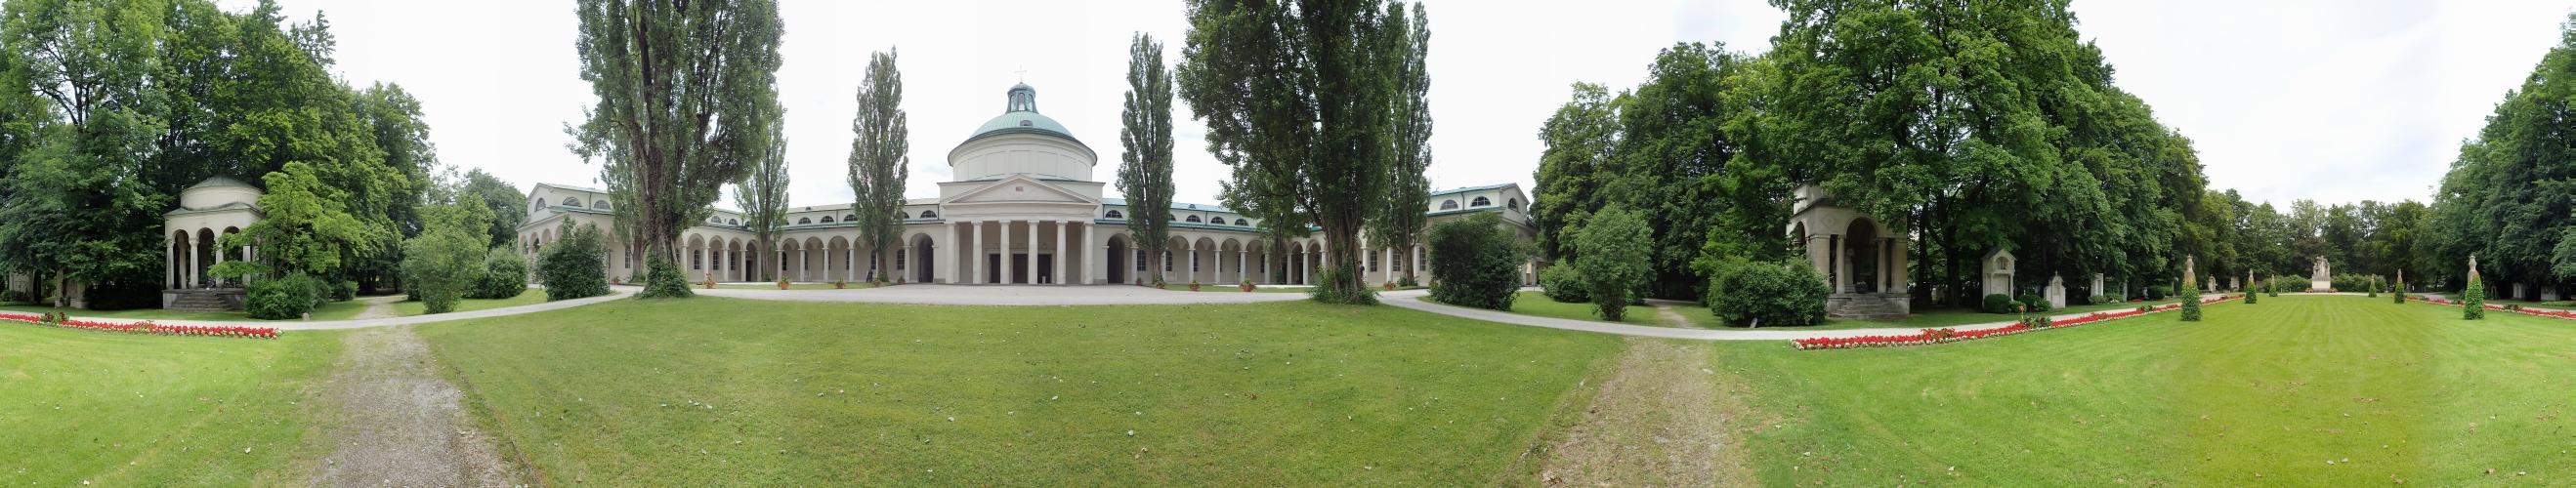 360 Grad am Ostfriedhof